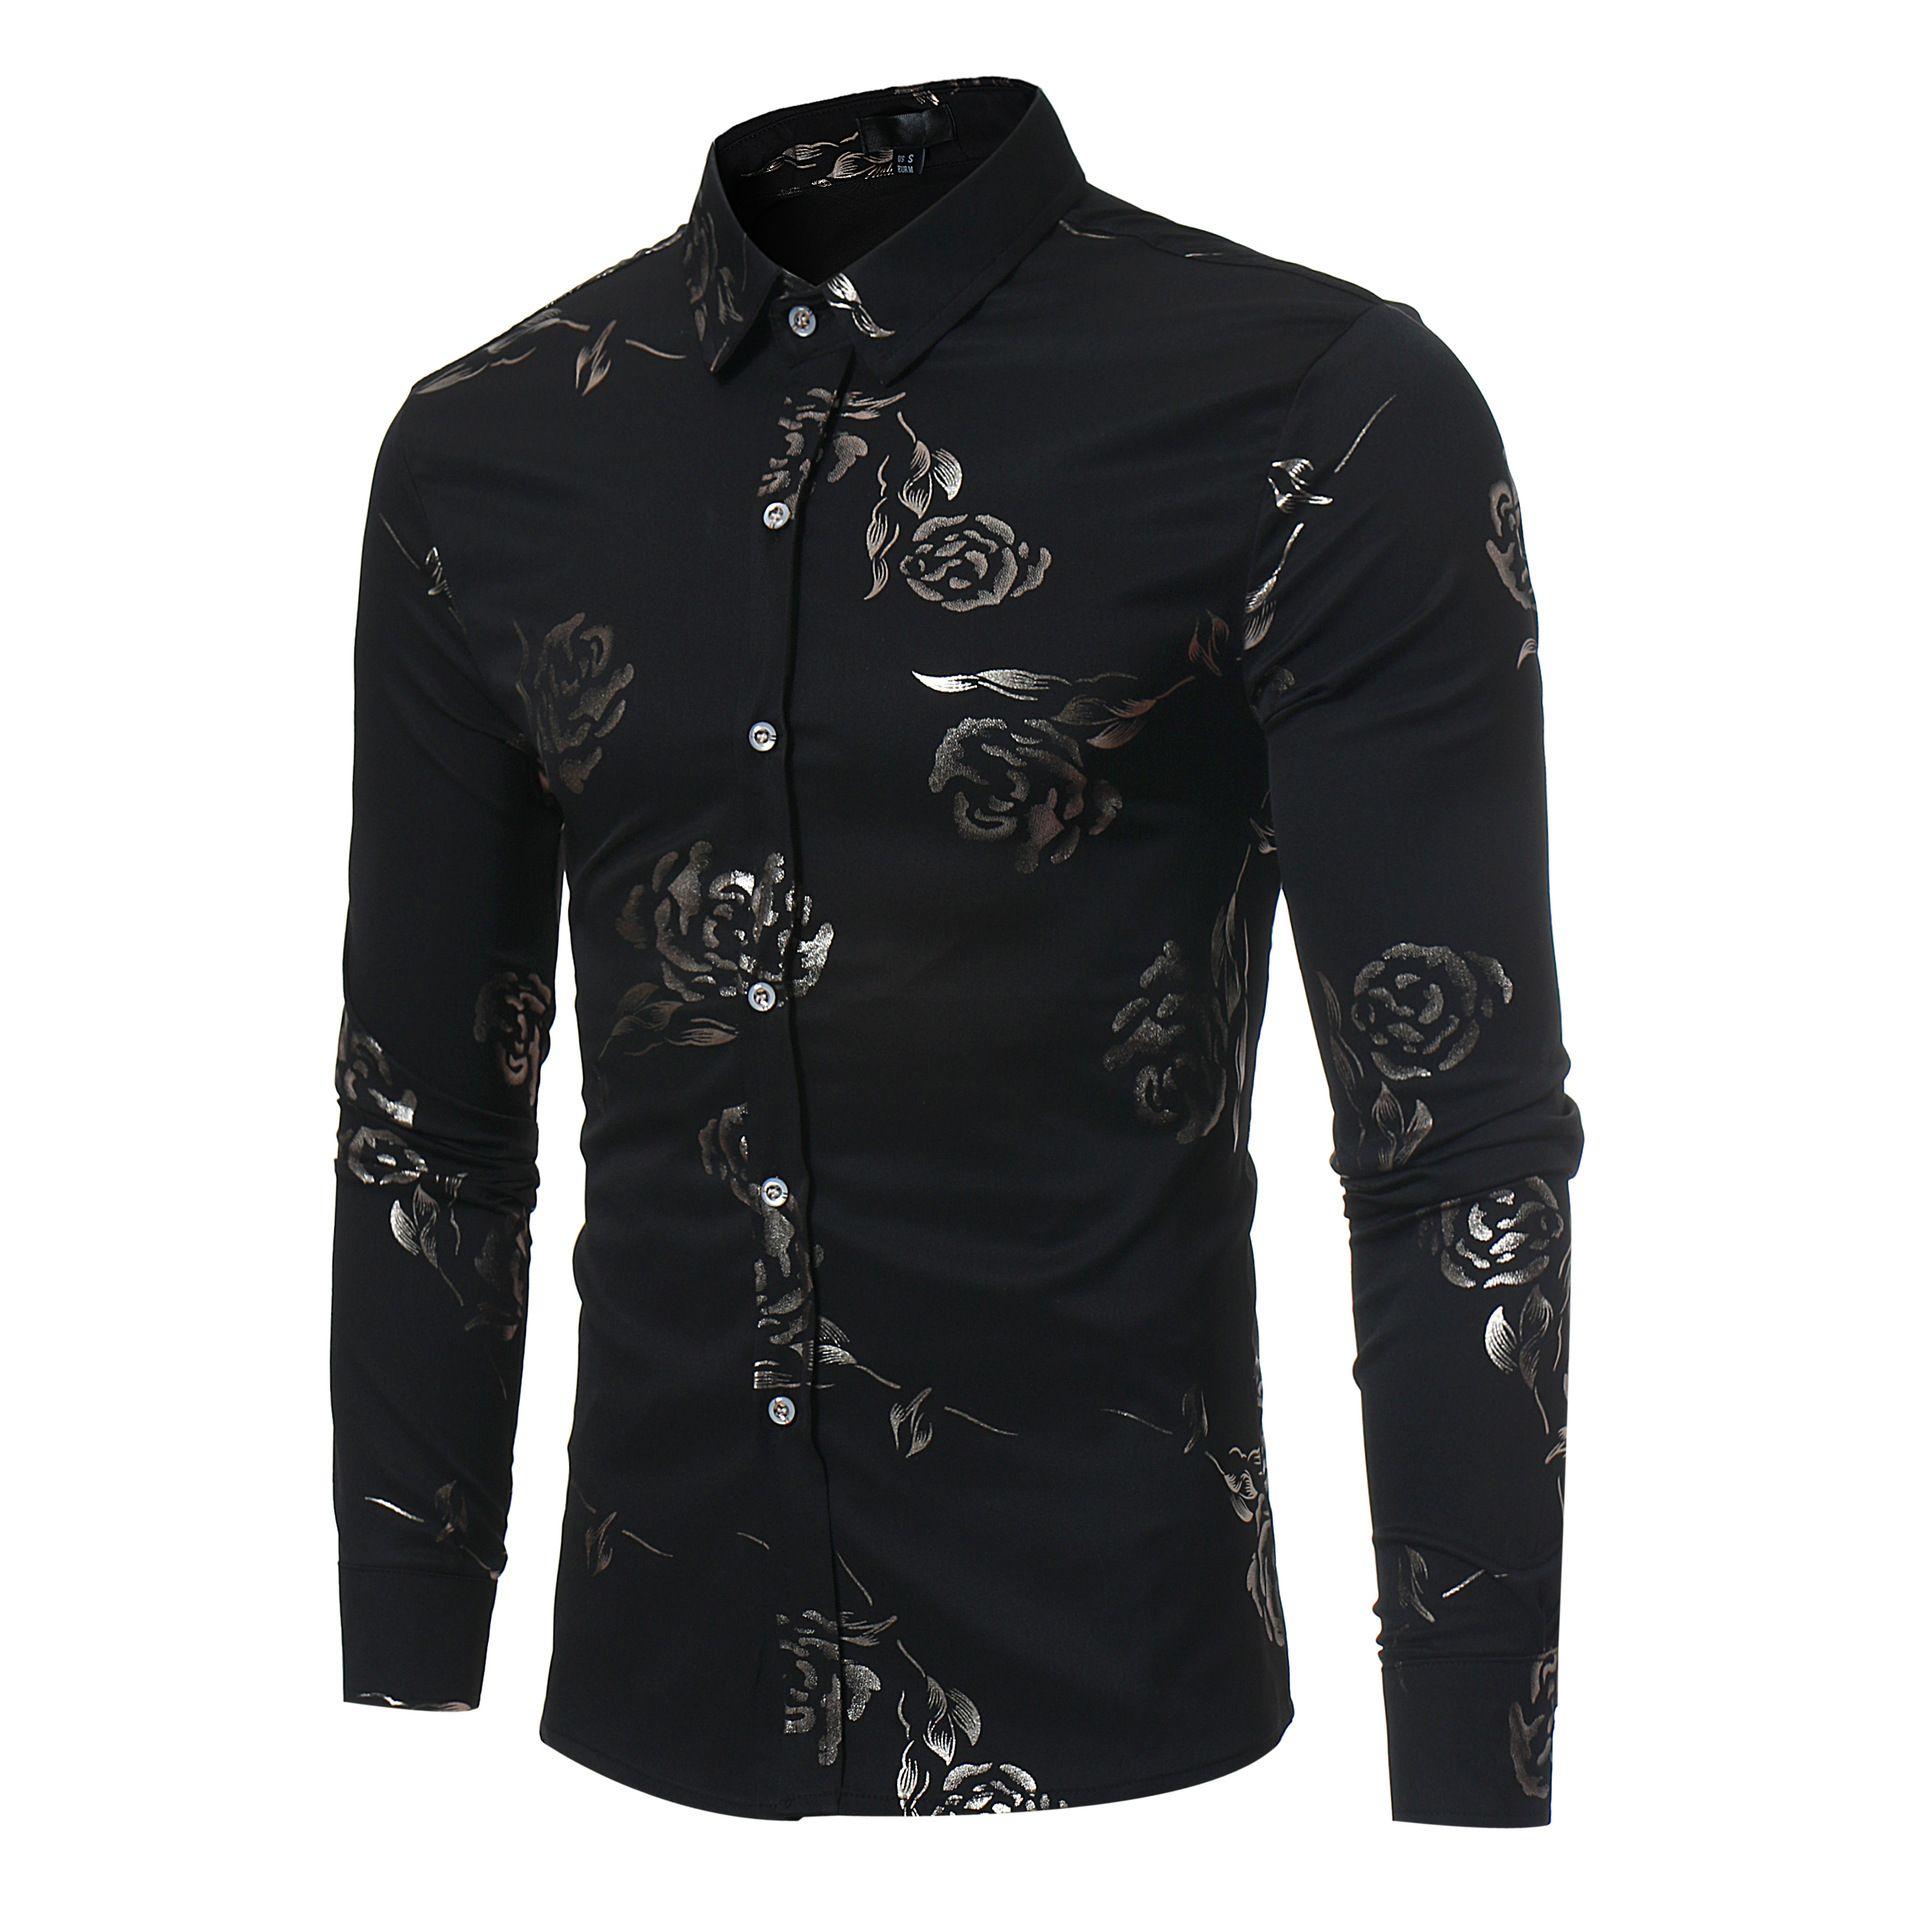 Erkek tasarımcı tişörtleri Sıcak satış kişilik İngiliz Stil Gül Baskı erkek sonbahar ve kış uzun kollu gömlek Avrupa boyutu